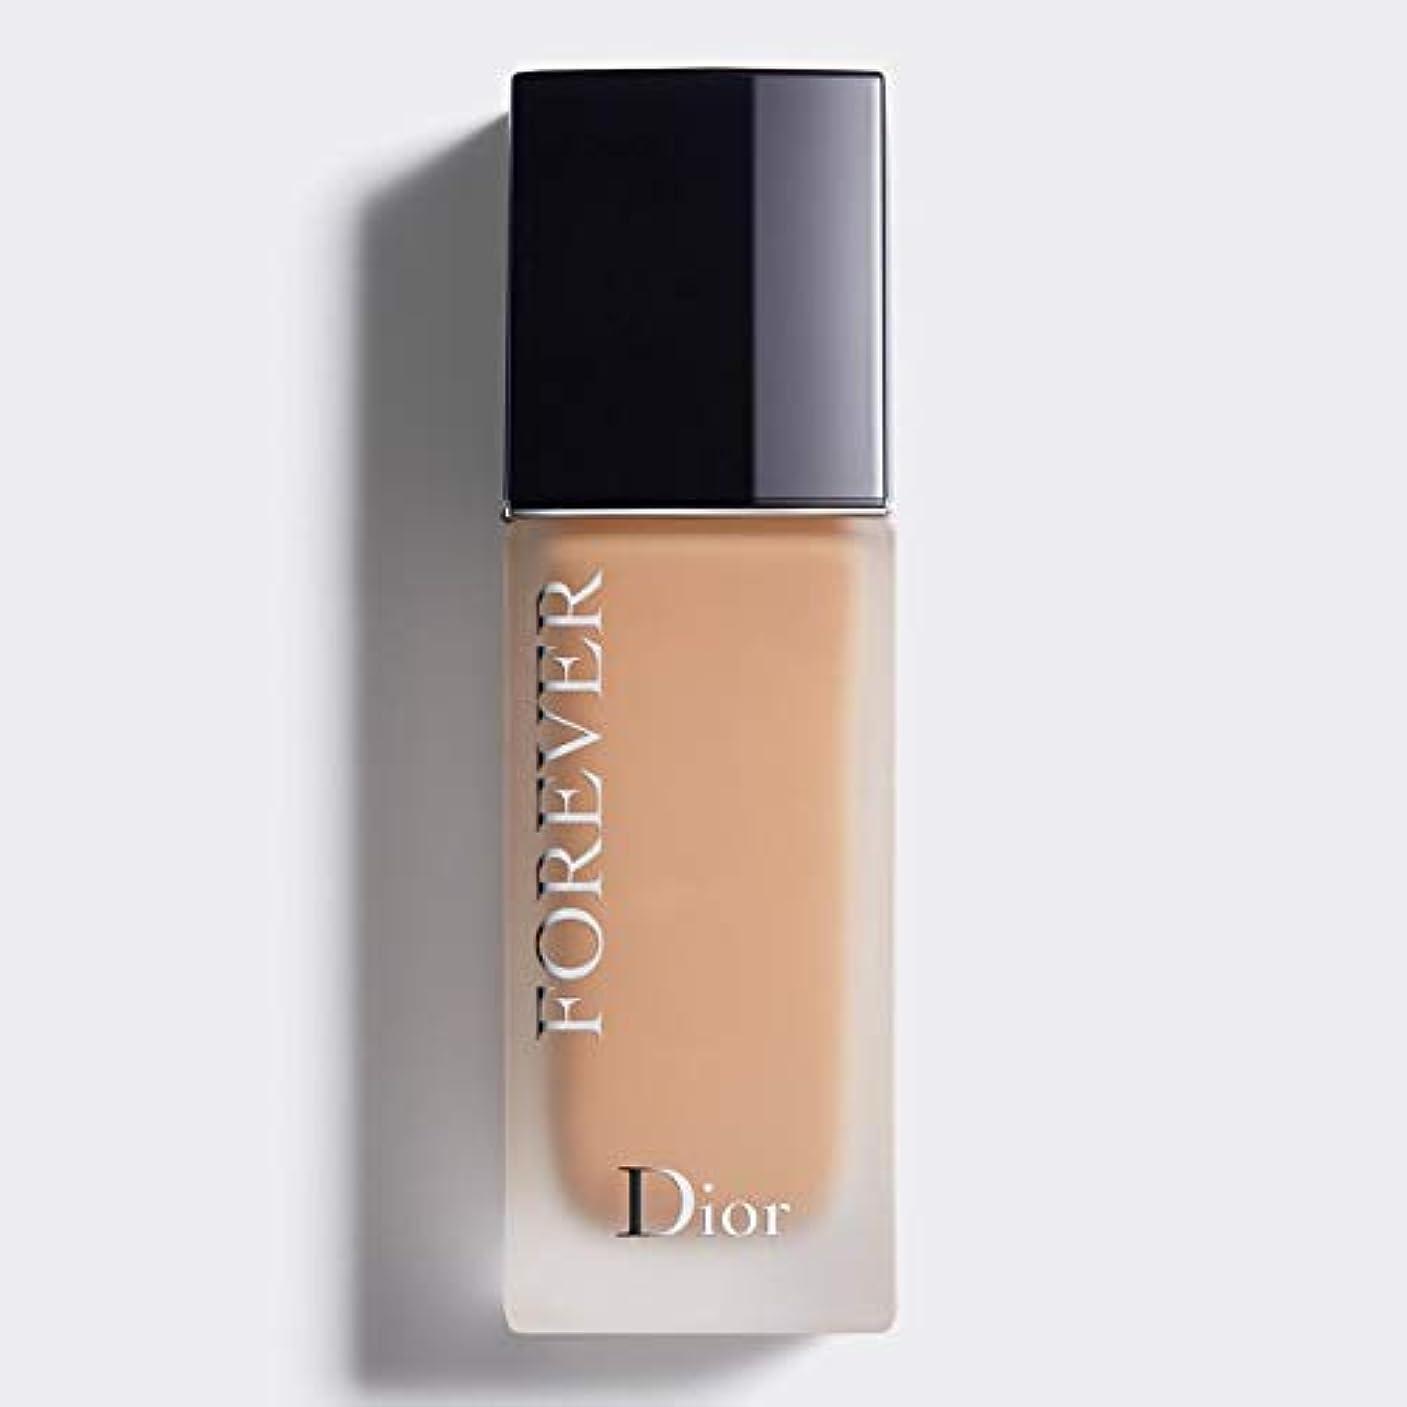 に対応ハイライトクリスチャンディオール Dior Forever 24H Wear High Perfection Foundation SPF 35 - # 3.5N (Neutral) 30ml/1oz並行輸入品